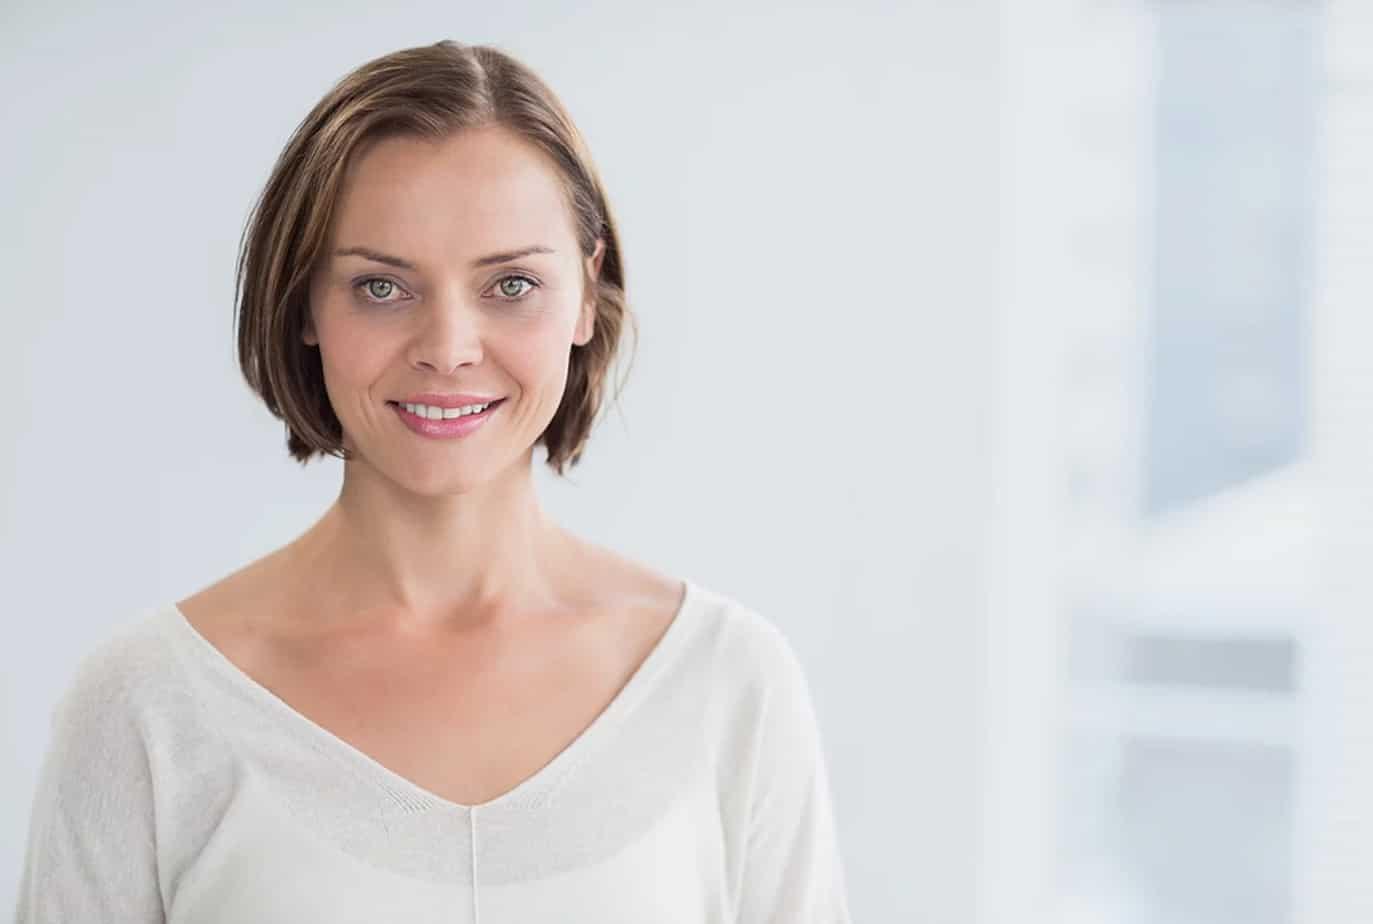 עור הפנים בעשור הרביעי לחייך. באדיבות אתר הבית ד״ר איתן ברמן